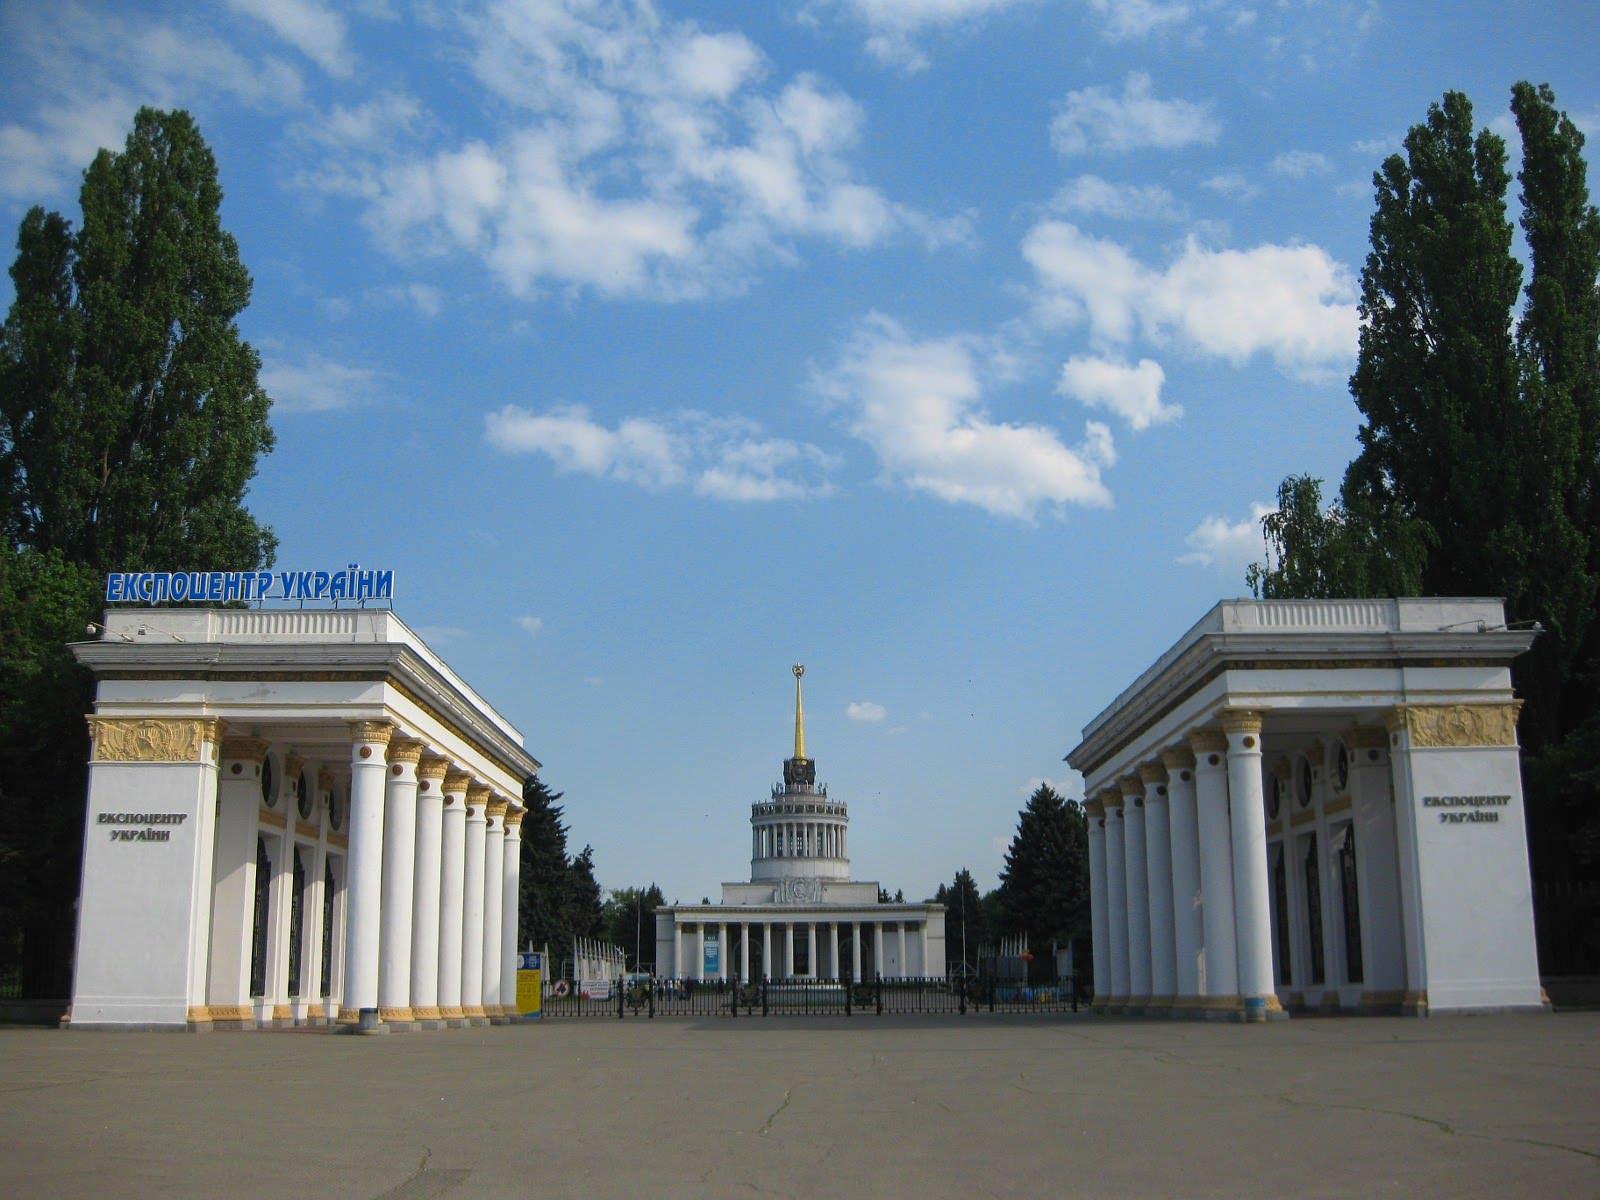 Регистрация у хозяина в Голосеевском районе Киева